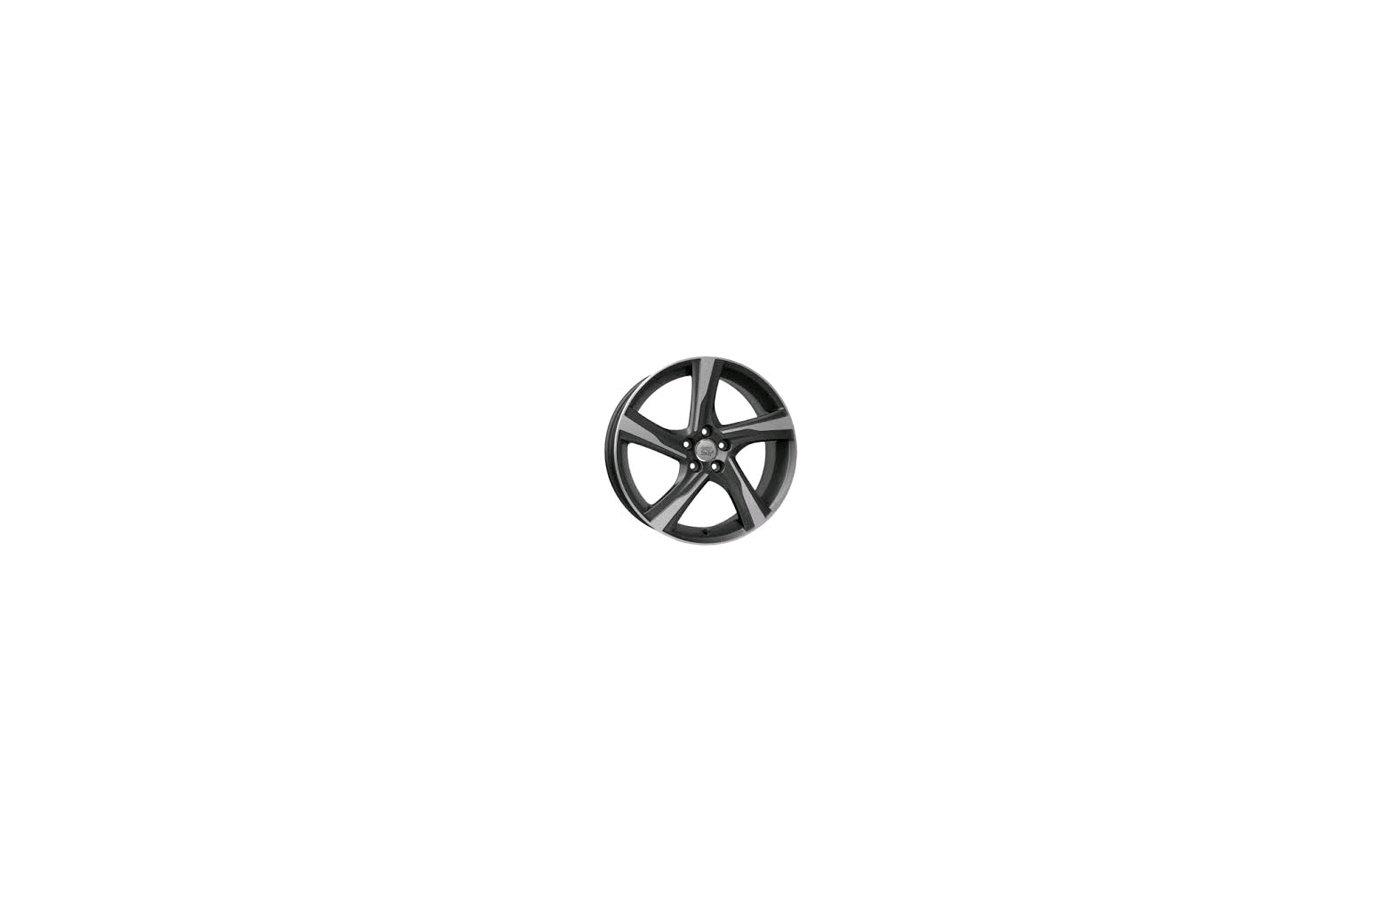 Диск Ё-wheels E18 6.5x16/5x114.3 D67.1 ET45 MBF